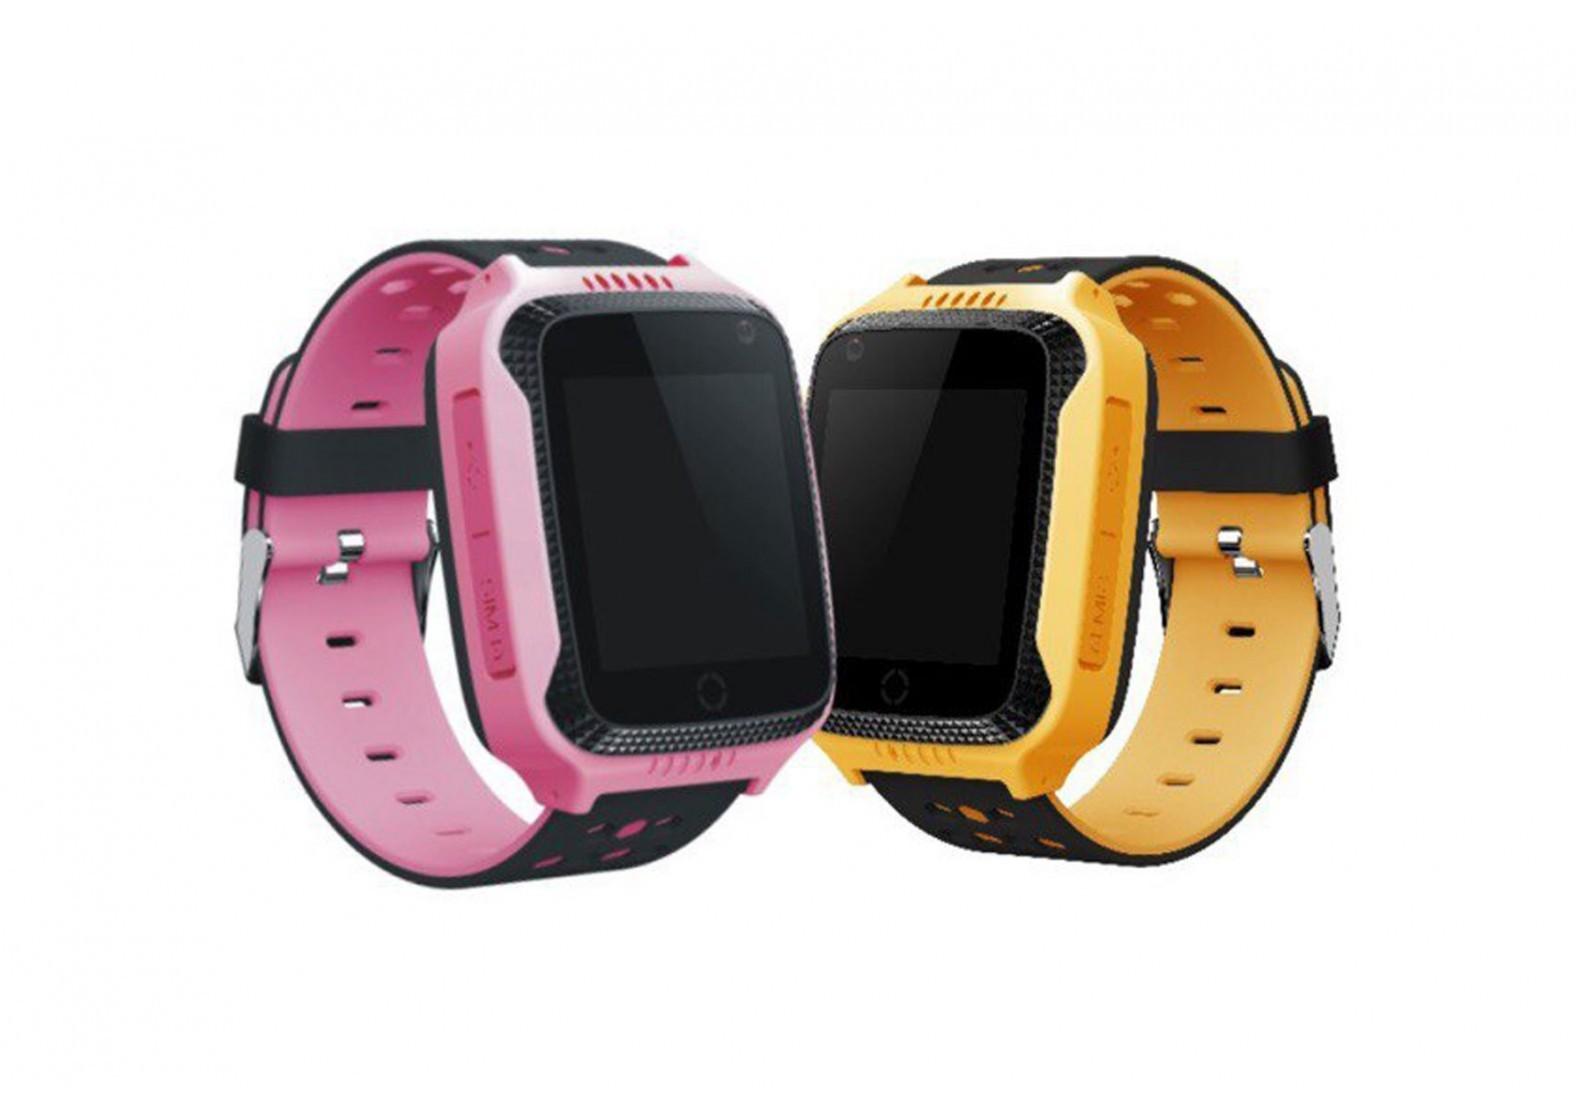 Умные часы/будильники Детские часы с GPS-трекером T7 (gm 11) gps_watch_Q528-1576x1110.jpg